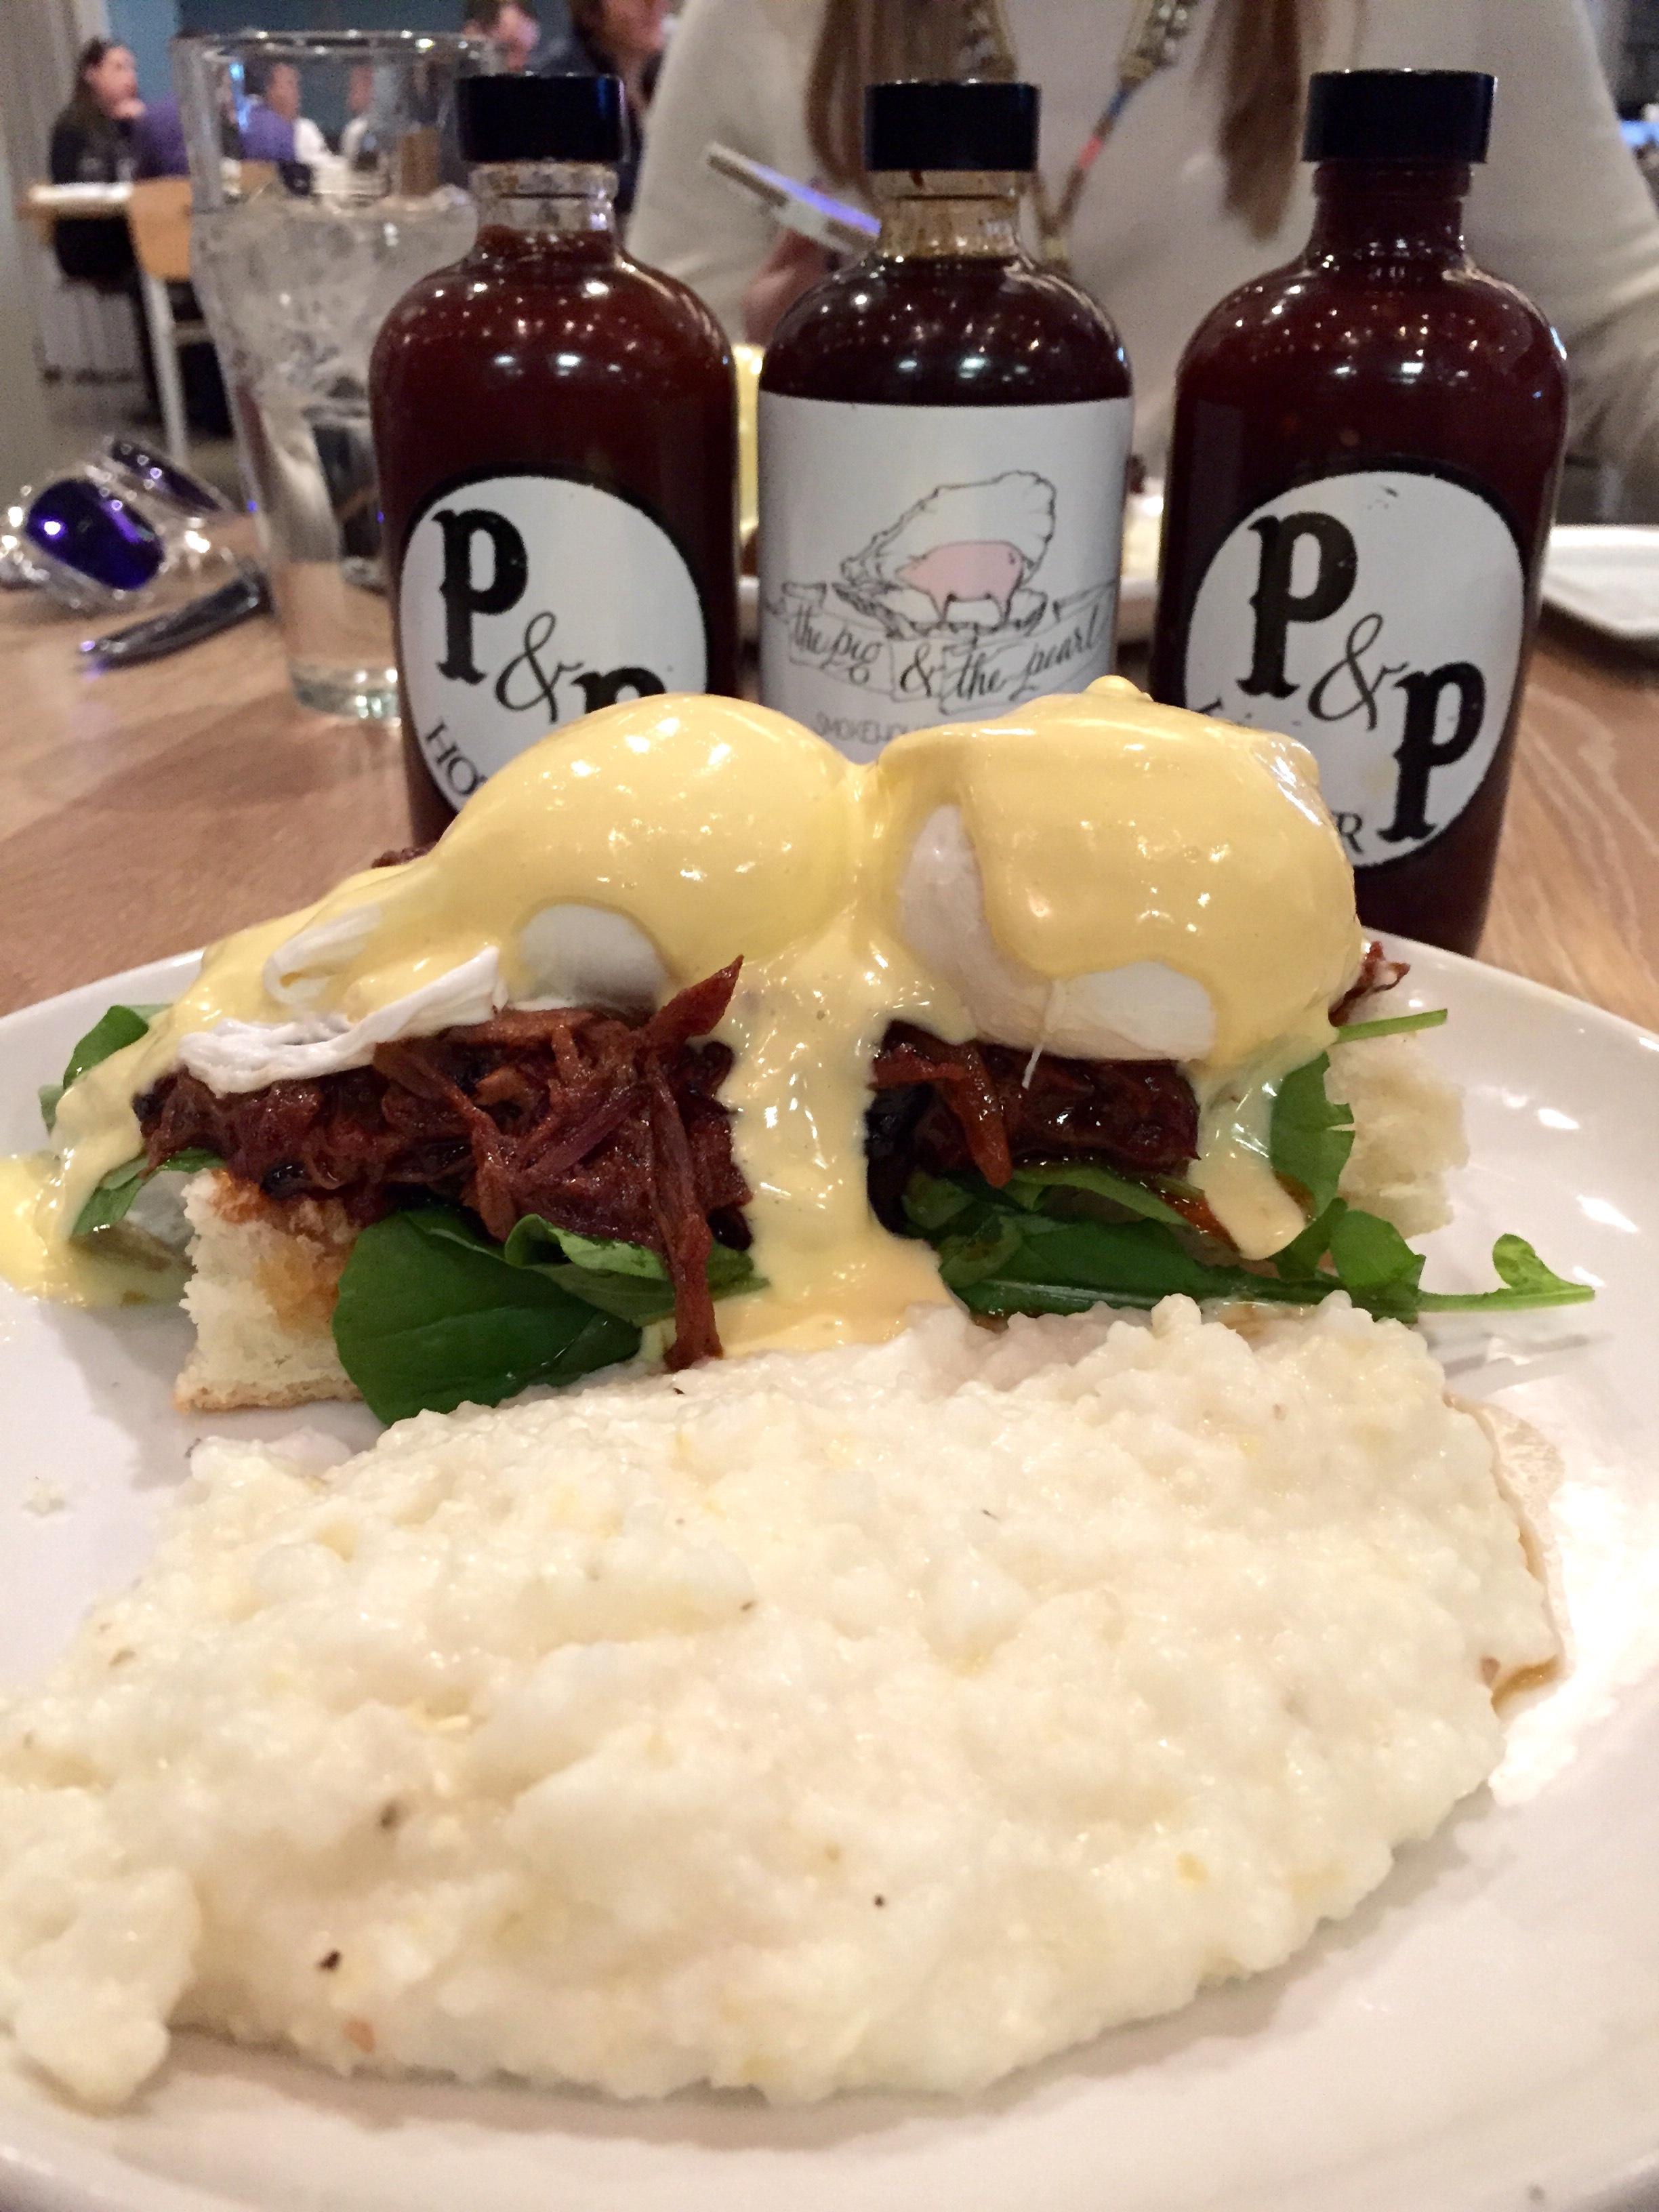 Eggs Benedict a la PandP